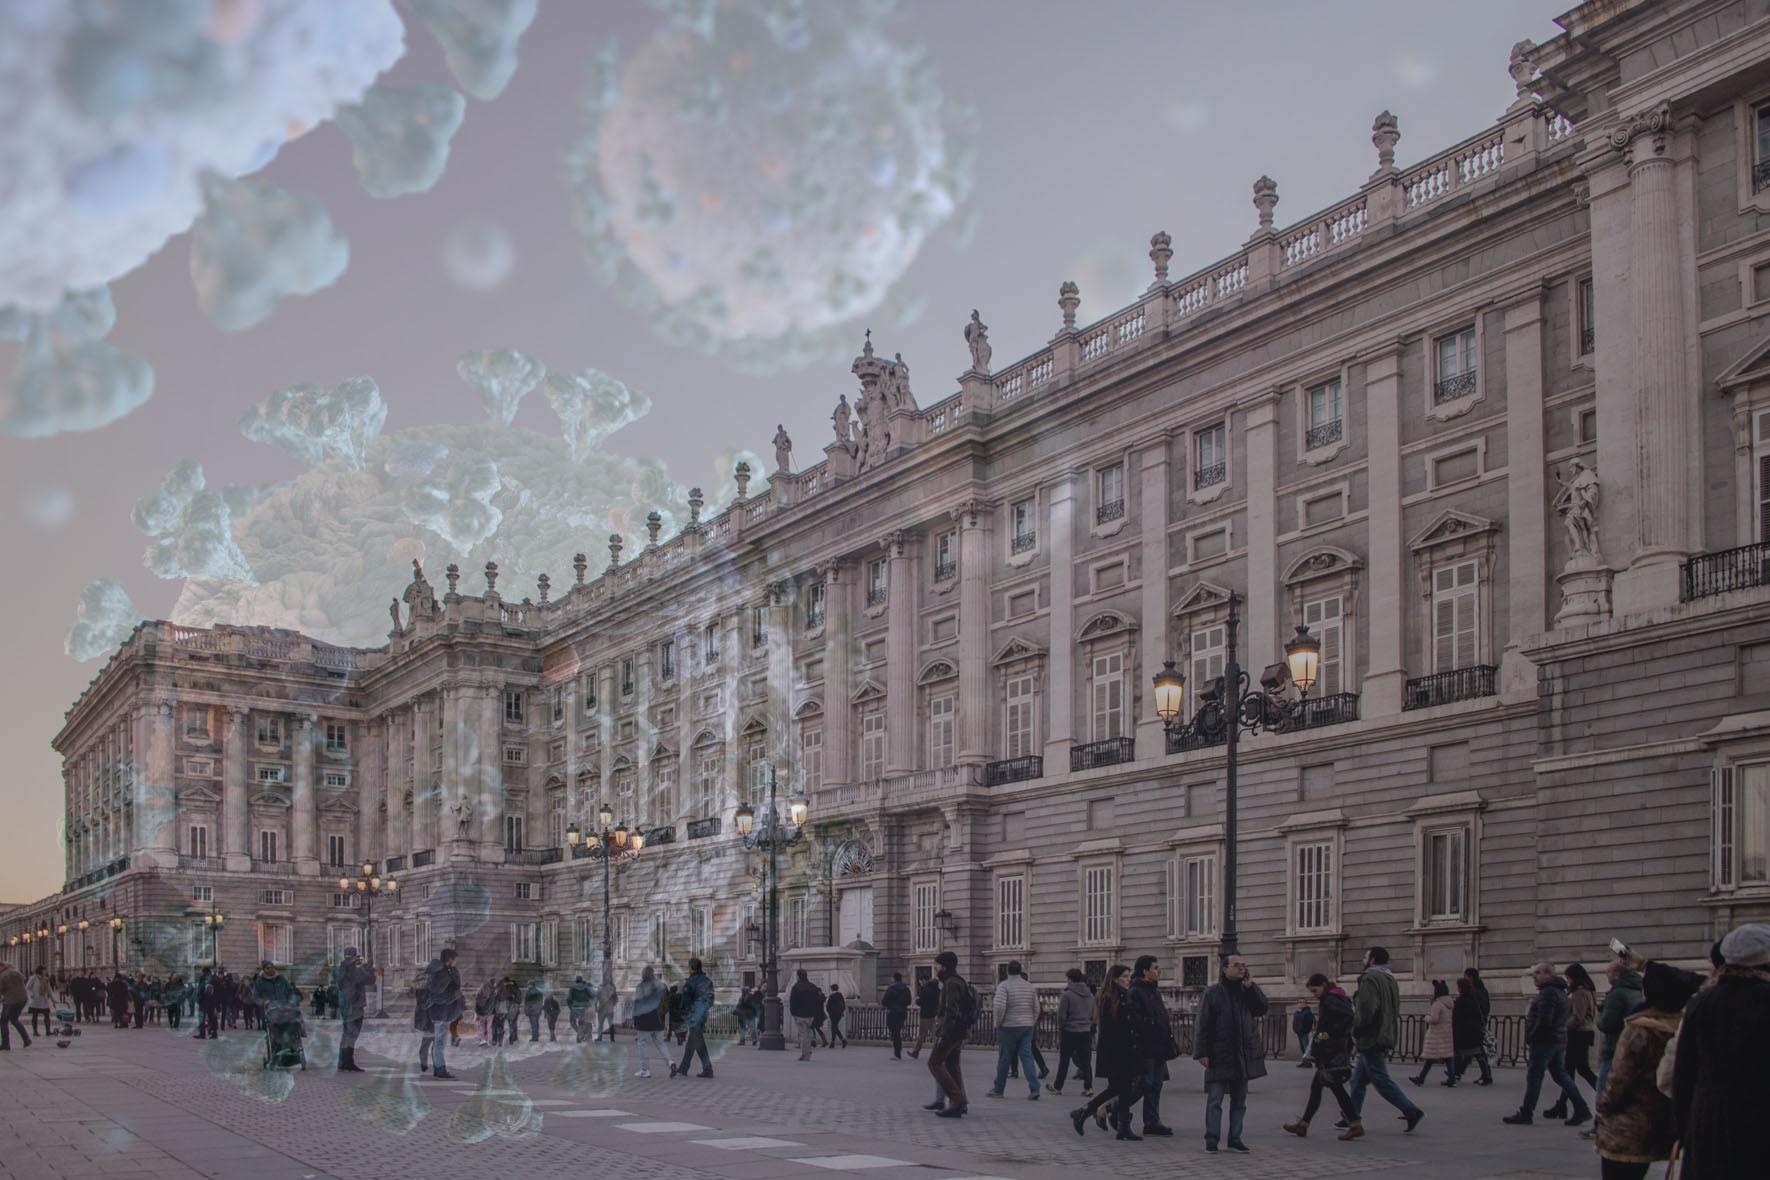 Cultura y coronavirus - Proyectos Culturales, gestión de patrimonio cultural